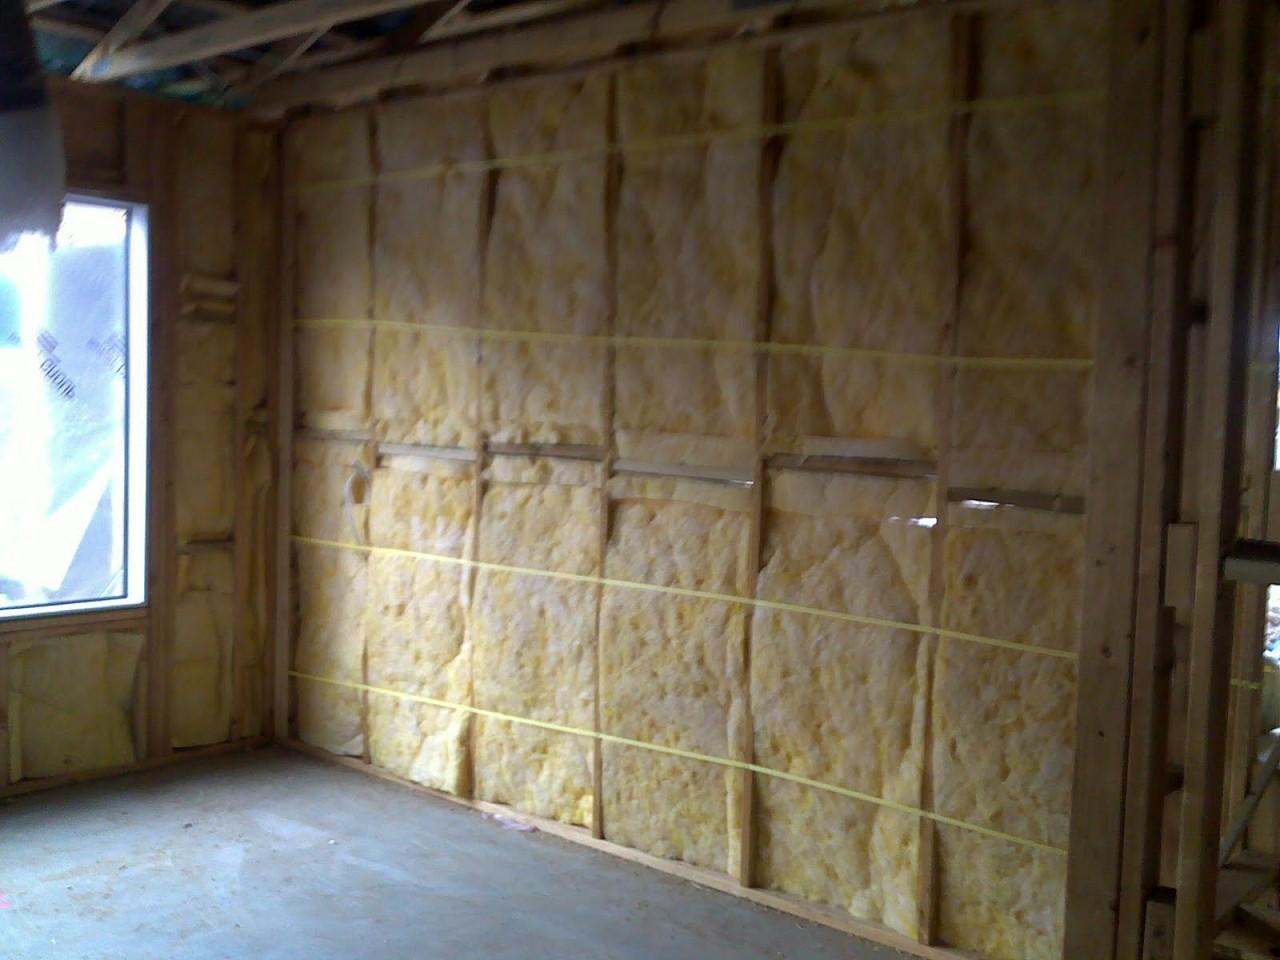 Утепление каркасных стен. На фото виден шнур для фиксации плит